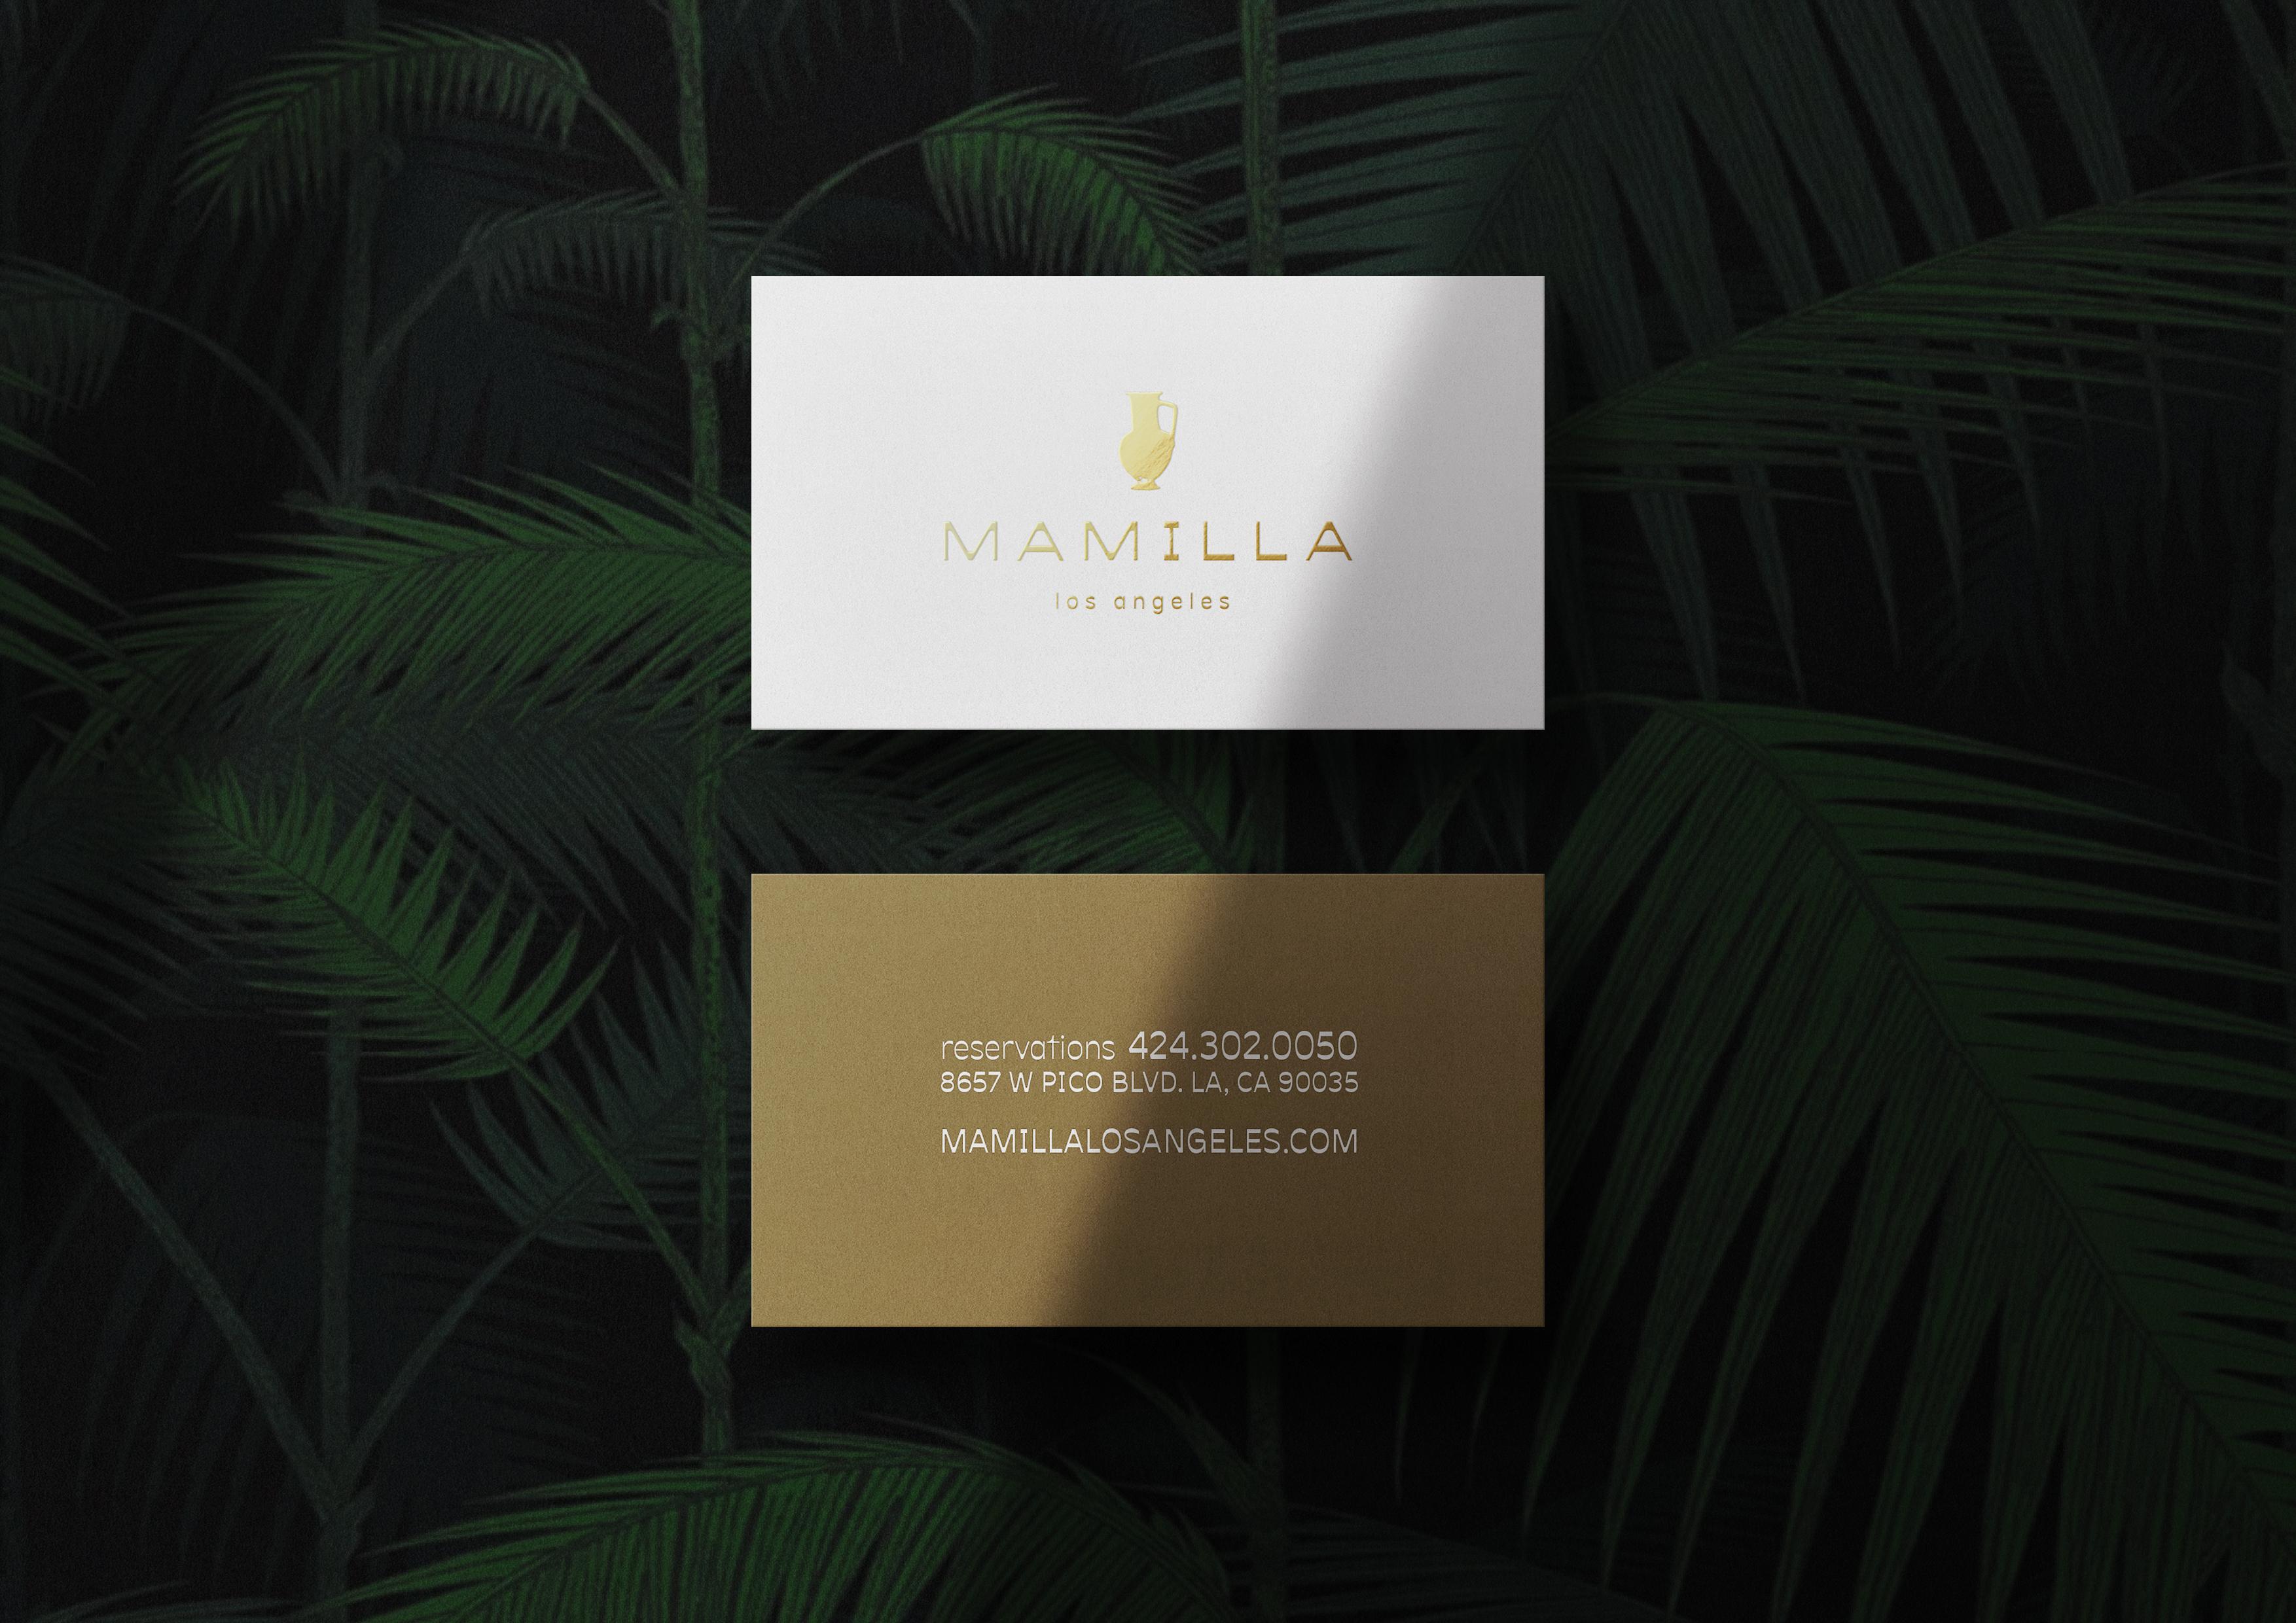 Mamilla